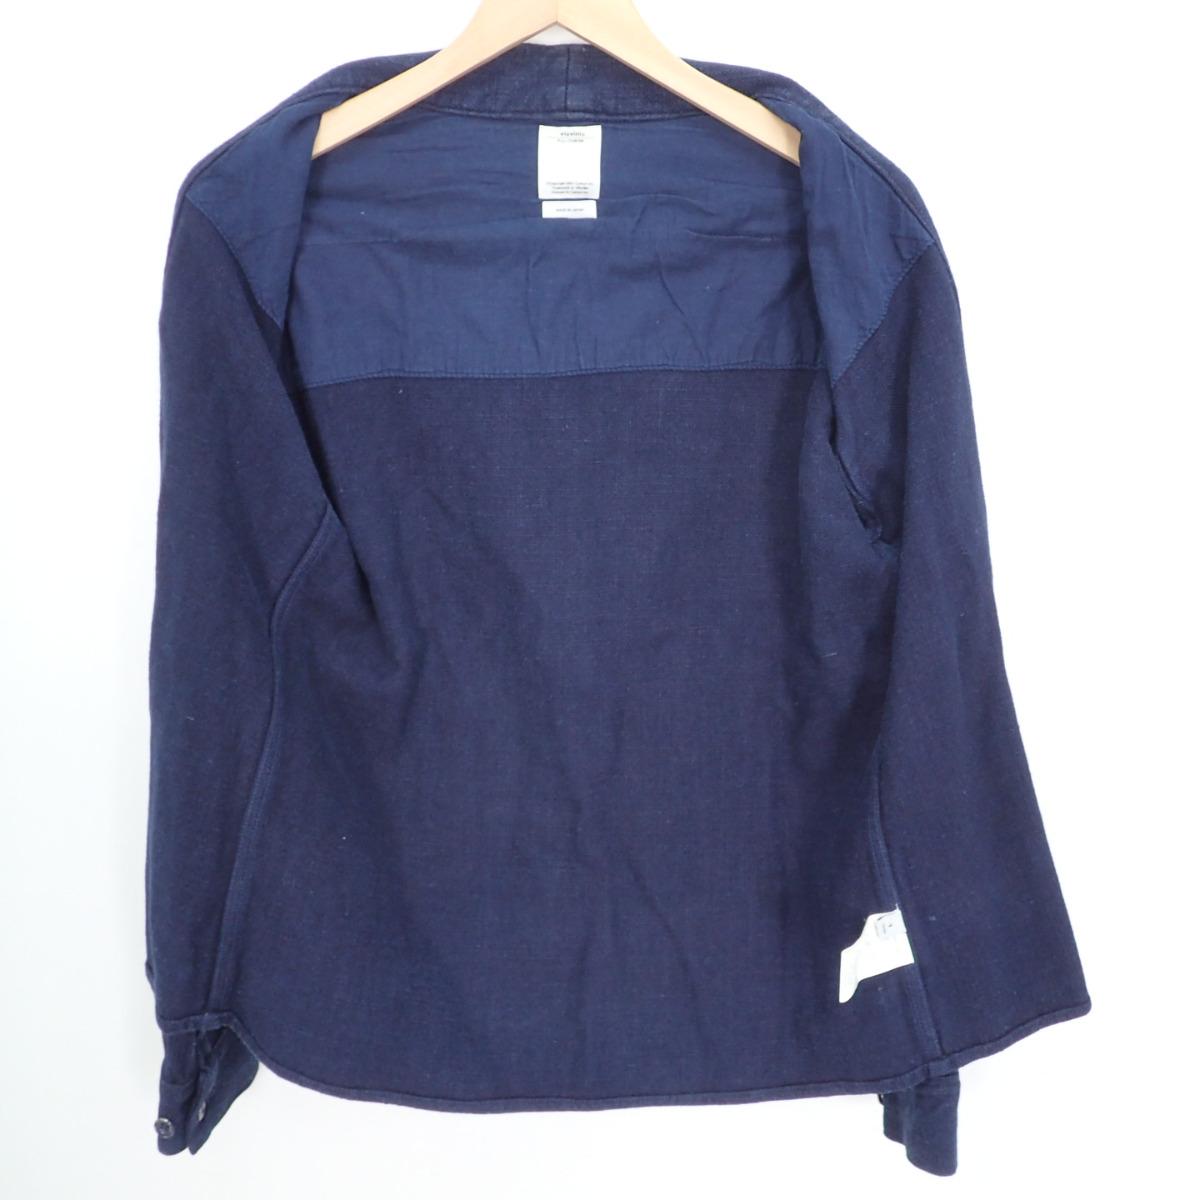 VISVIM ビズビム LHAMO SHIRT リネン混レーヨン インディゴ染め ラモシャツ NORAGI野良着 ジャケット 1gfyYb76